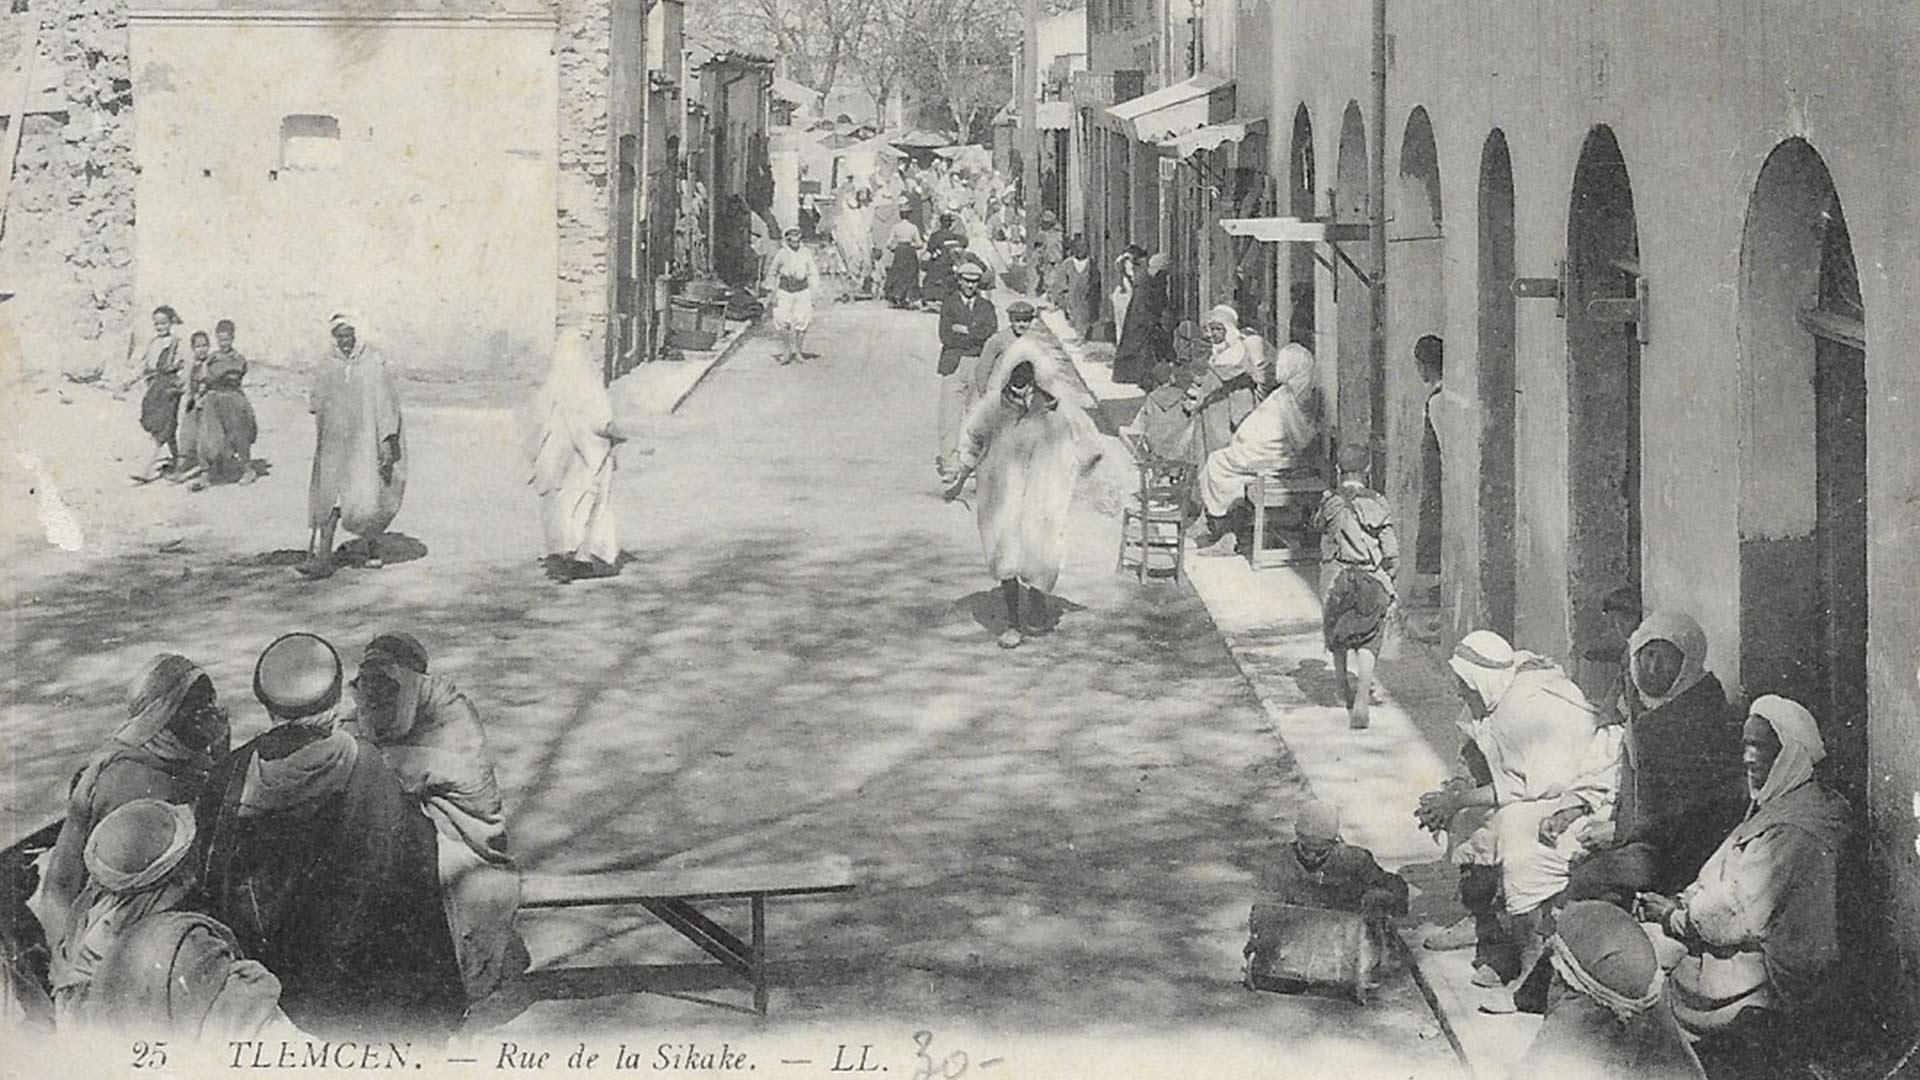 Tlemcen-rue-de-la-sikake